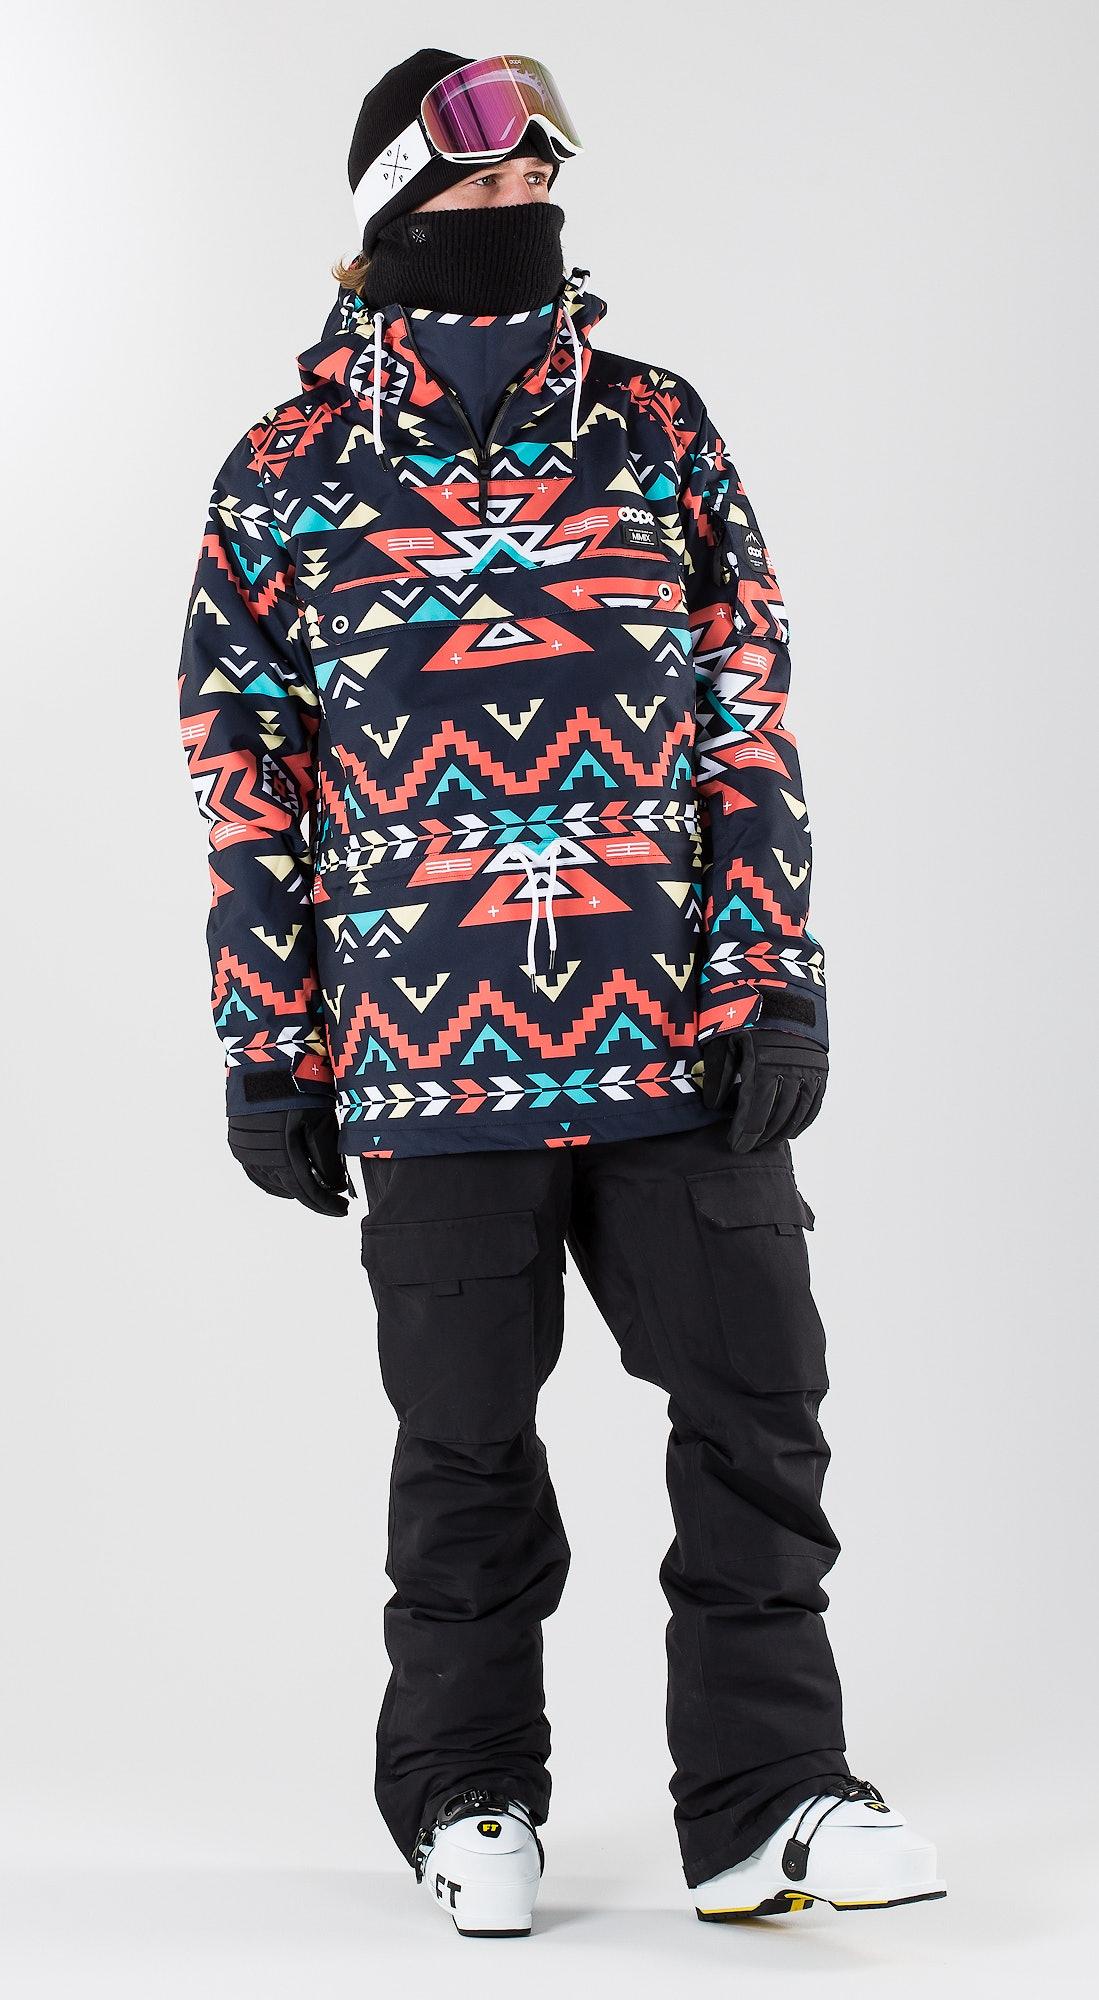 1fb03db4fbc Skidkläder herr | Fri frakt | Stort sortiment | Ridestore.se